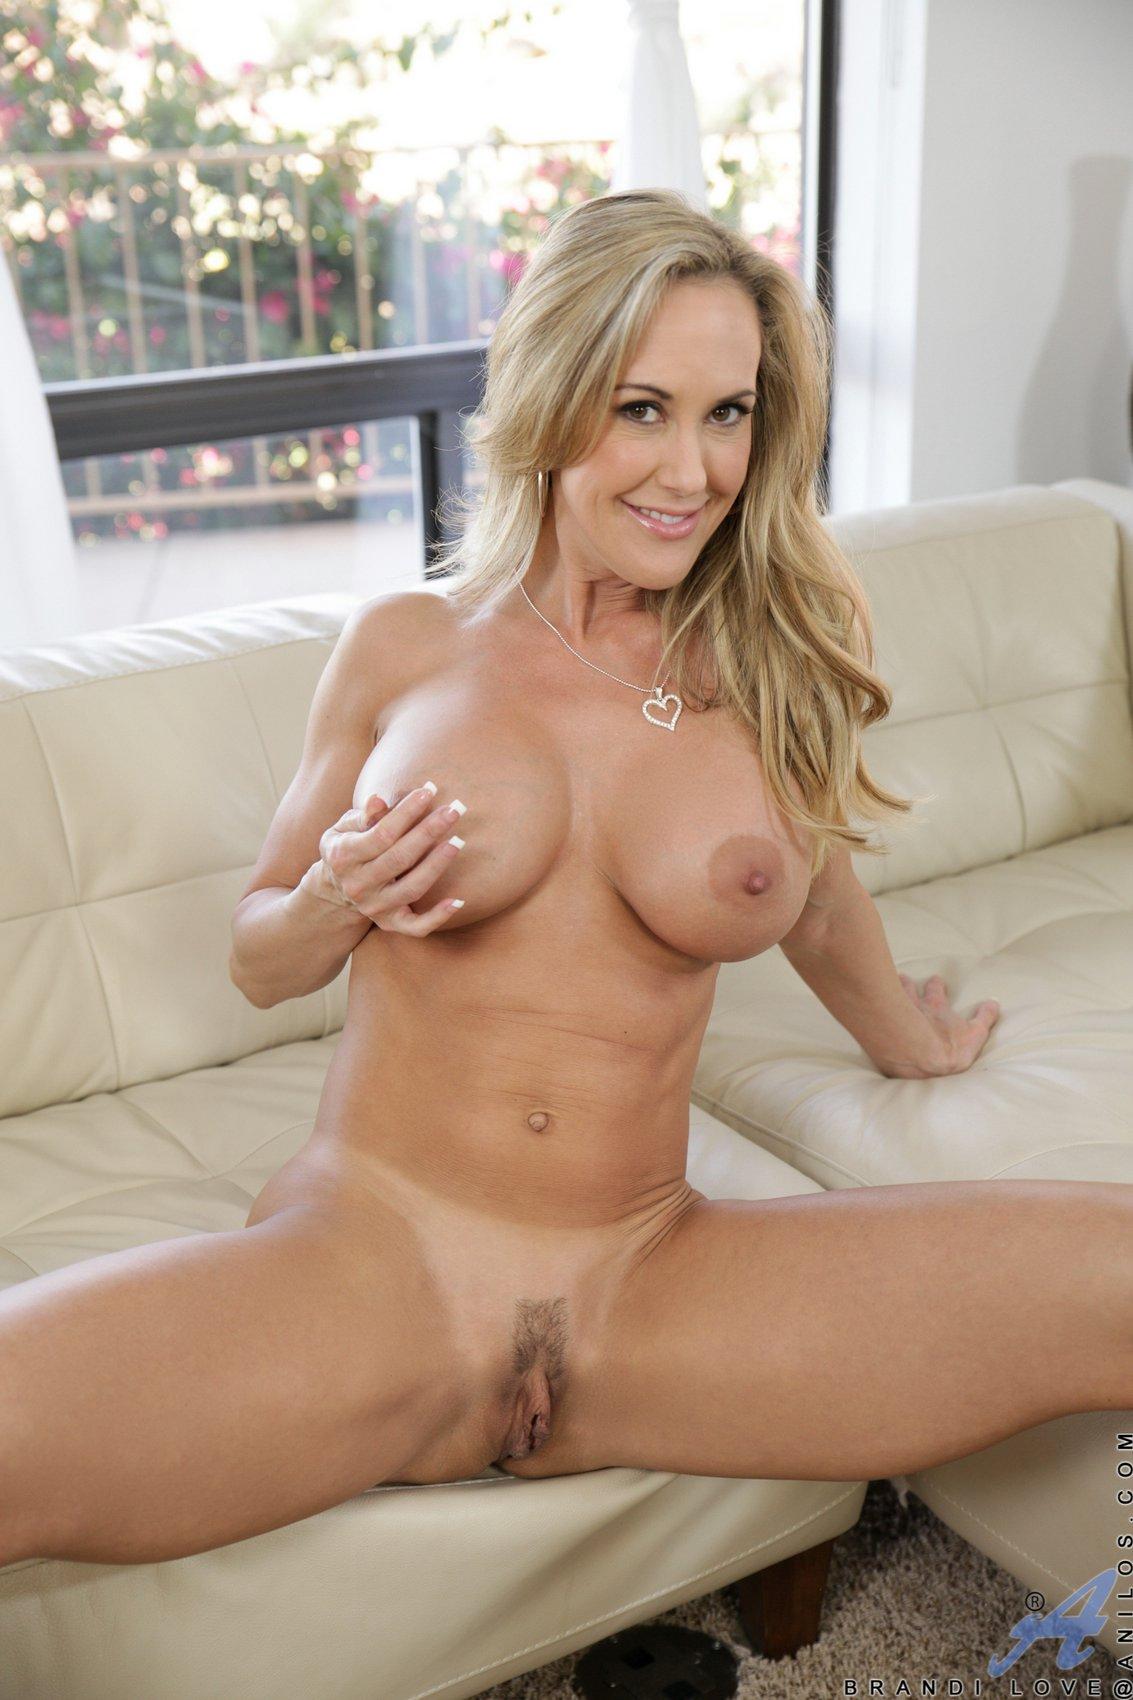 beauty girl nude fuck